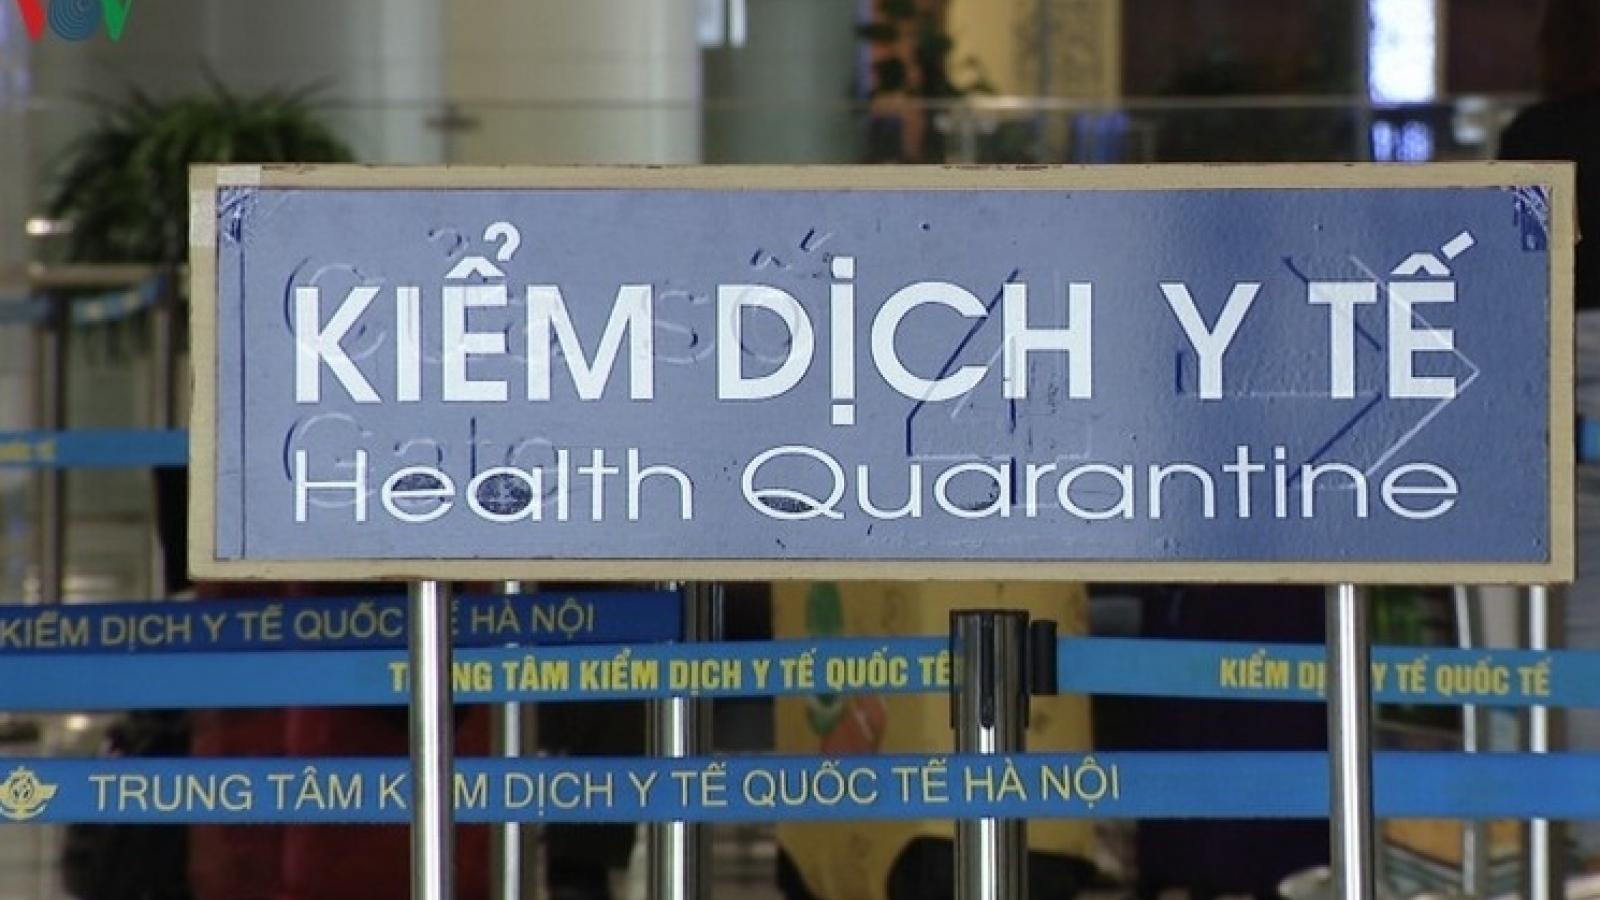 Việt Nam có thêm 3 ca mắc COVID-19 nhập cảnh là người Trung Quốc và Ấn Độ